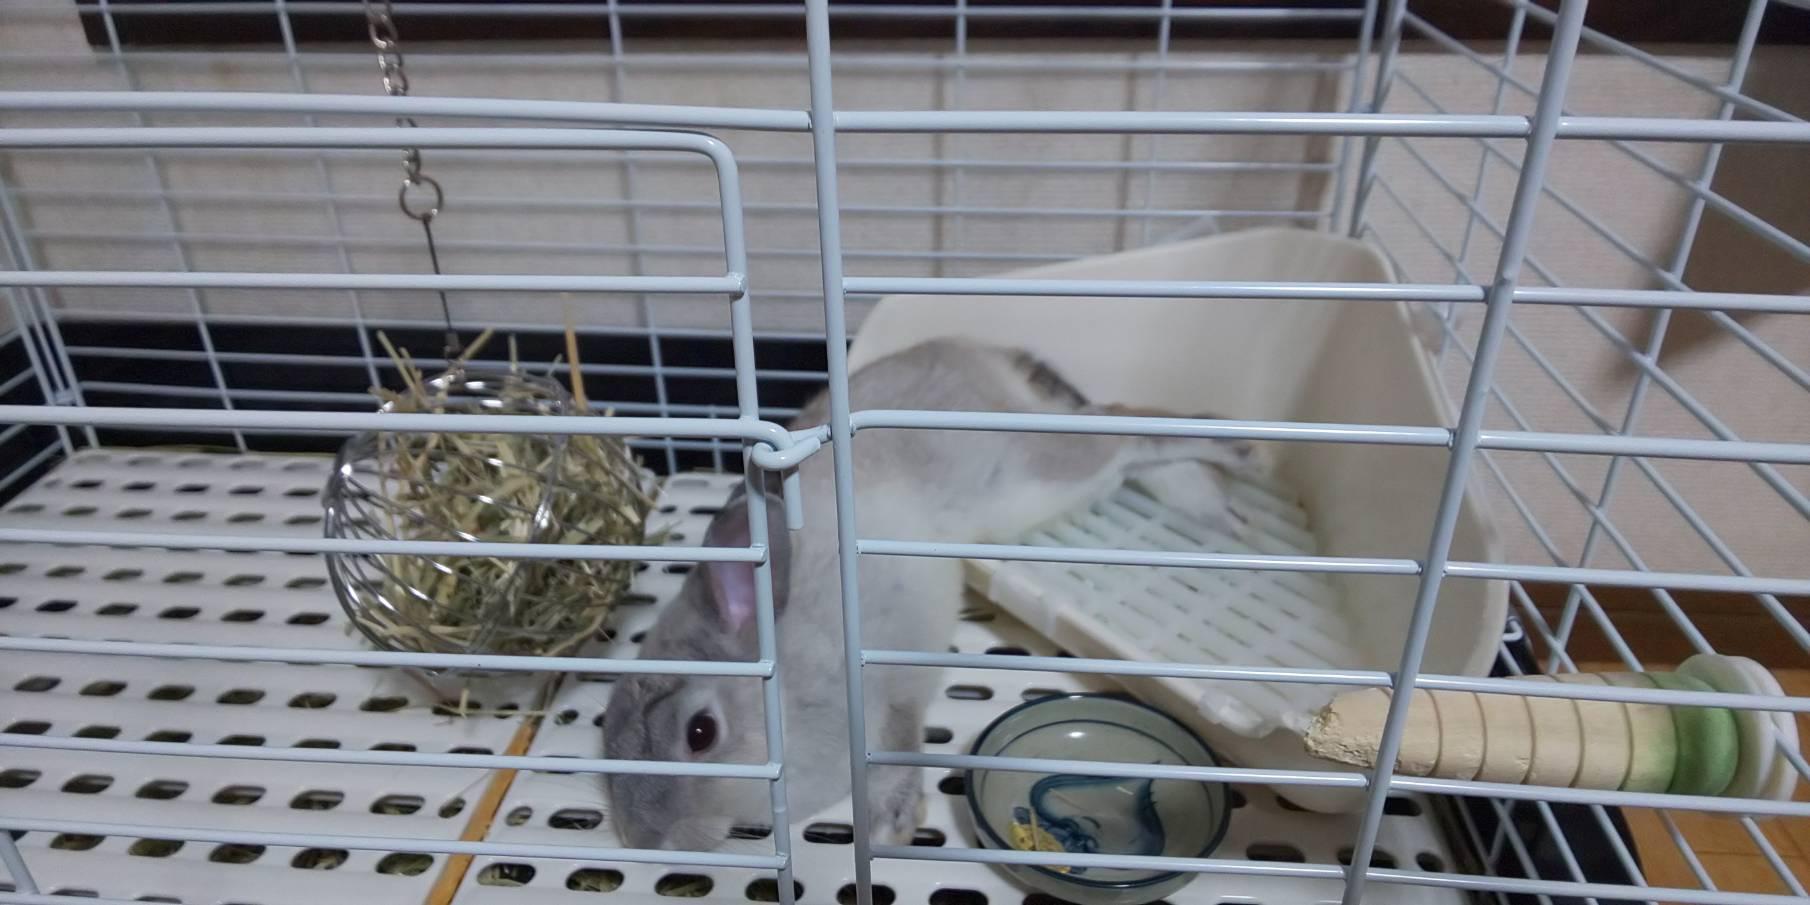 【ミニウサギ】うちのウサギは、寝相が悪いけど許してね。